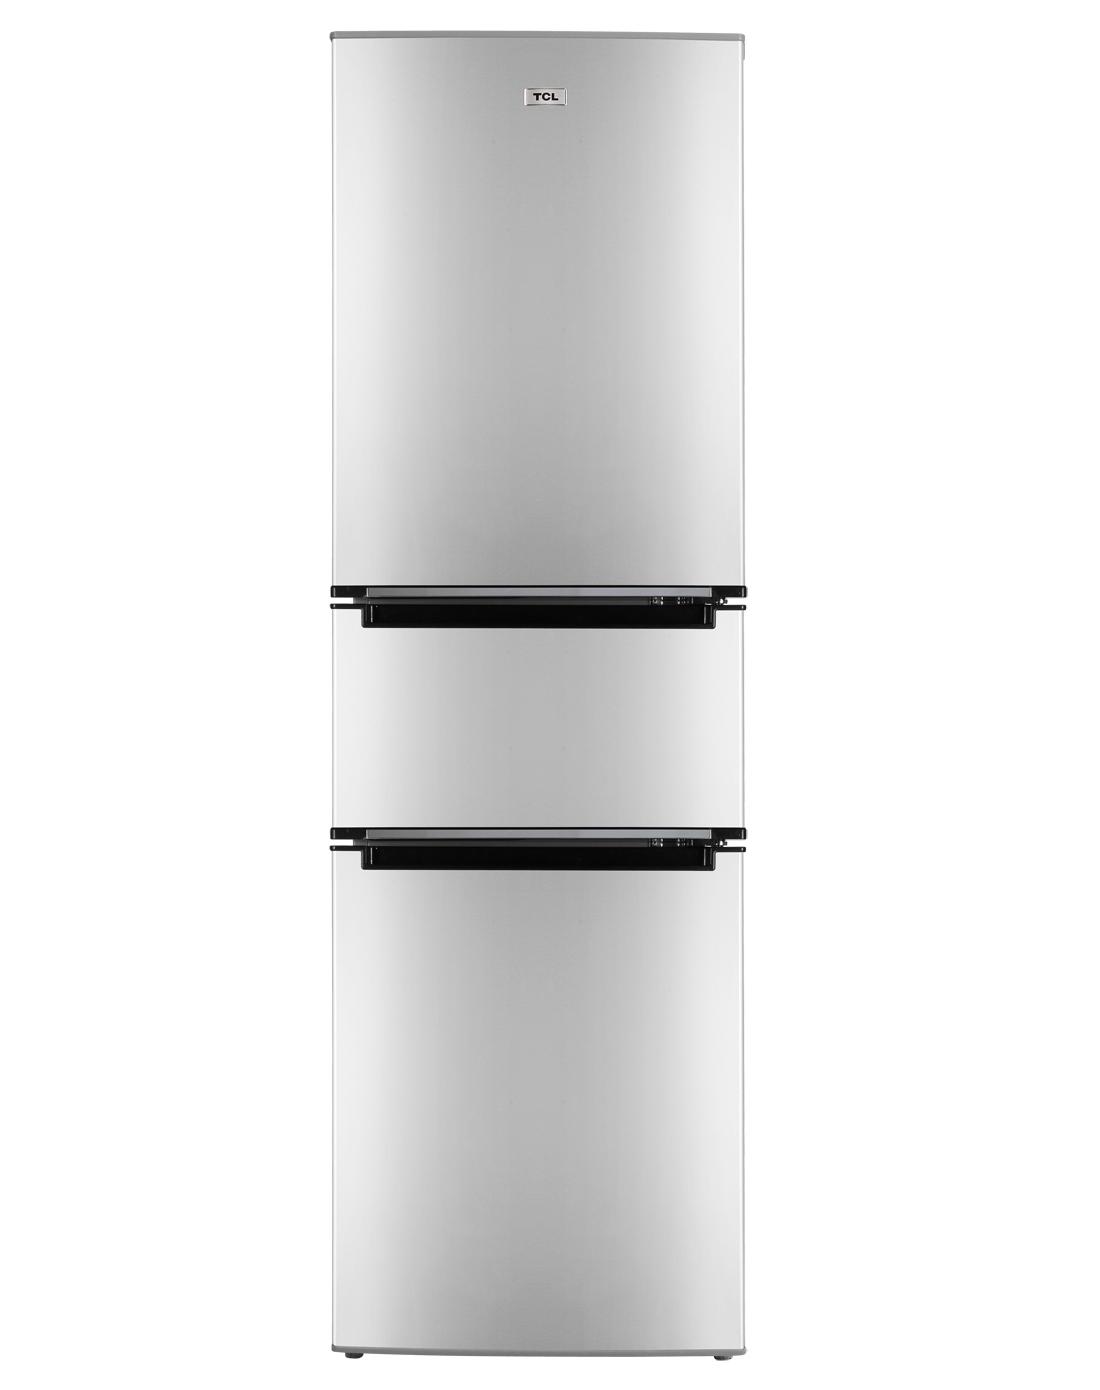 > 223升三门多温控区间冰箱负7度软冷冻